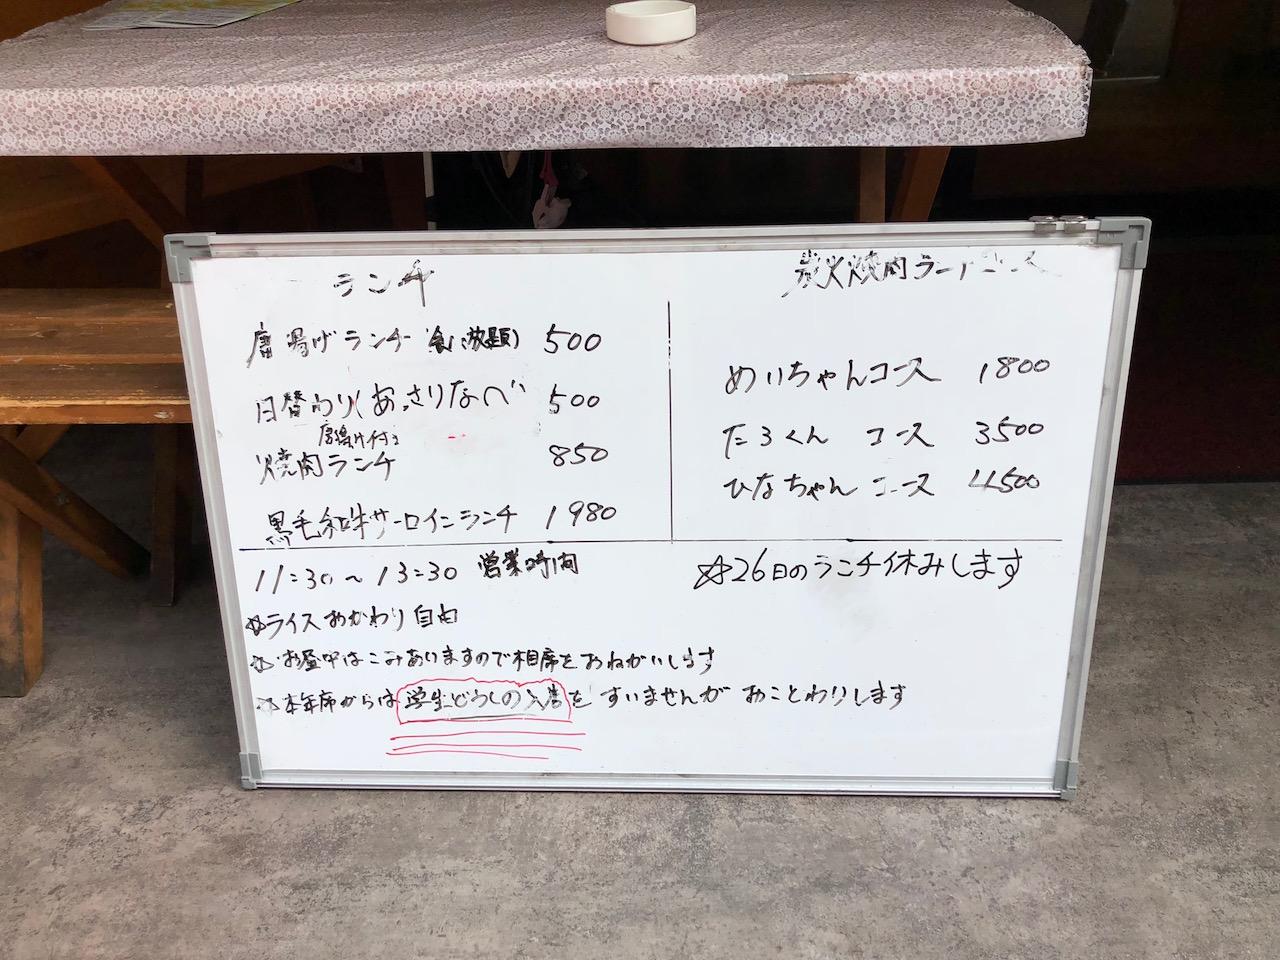 ワンコイン唐揚げ食べ放題の牛凪2階にある「ひなどり」がランチで焼肉食べ放題1000円だってよ!